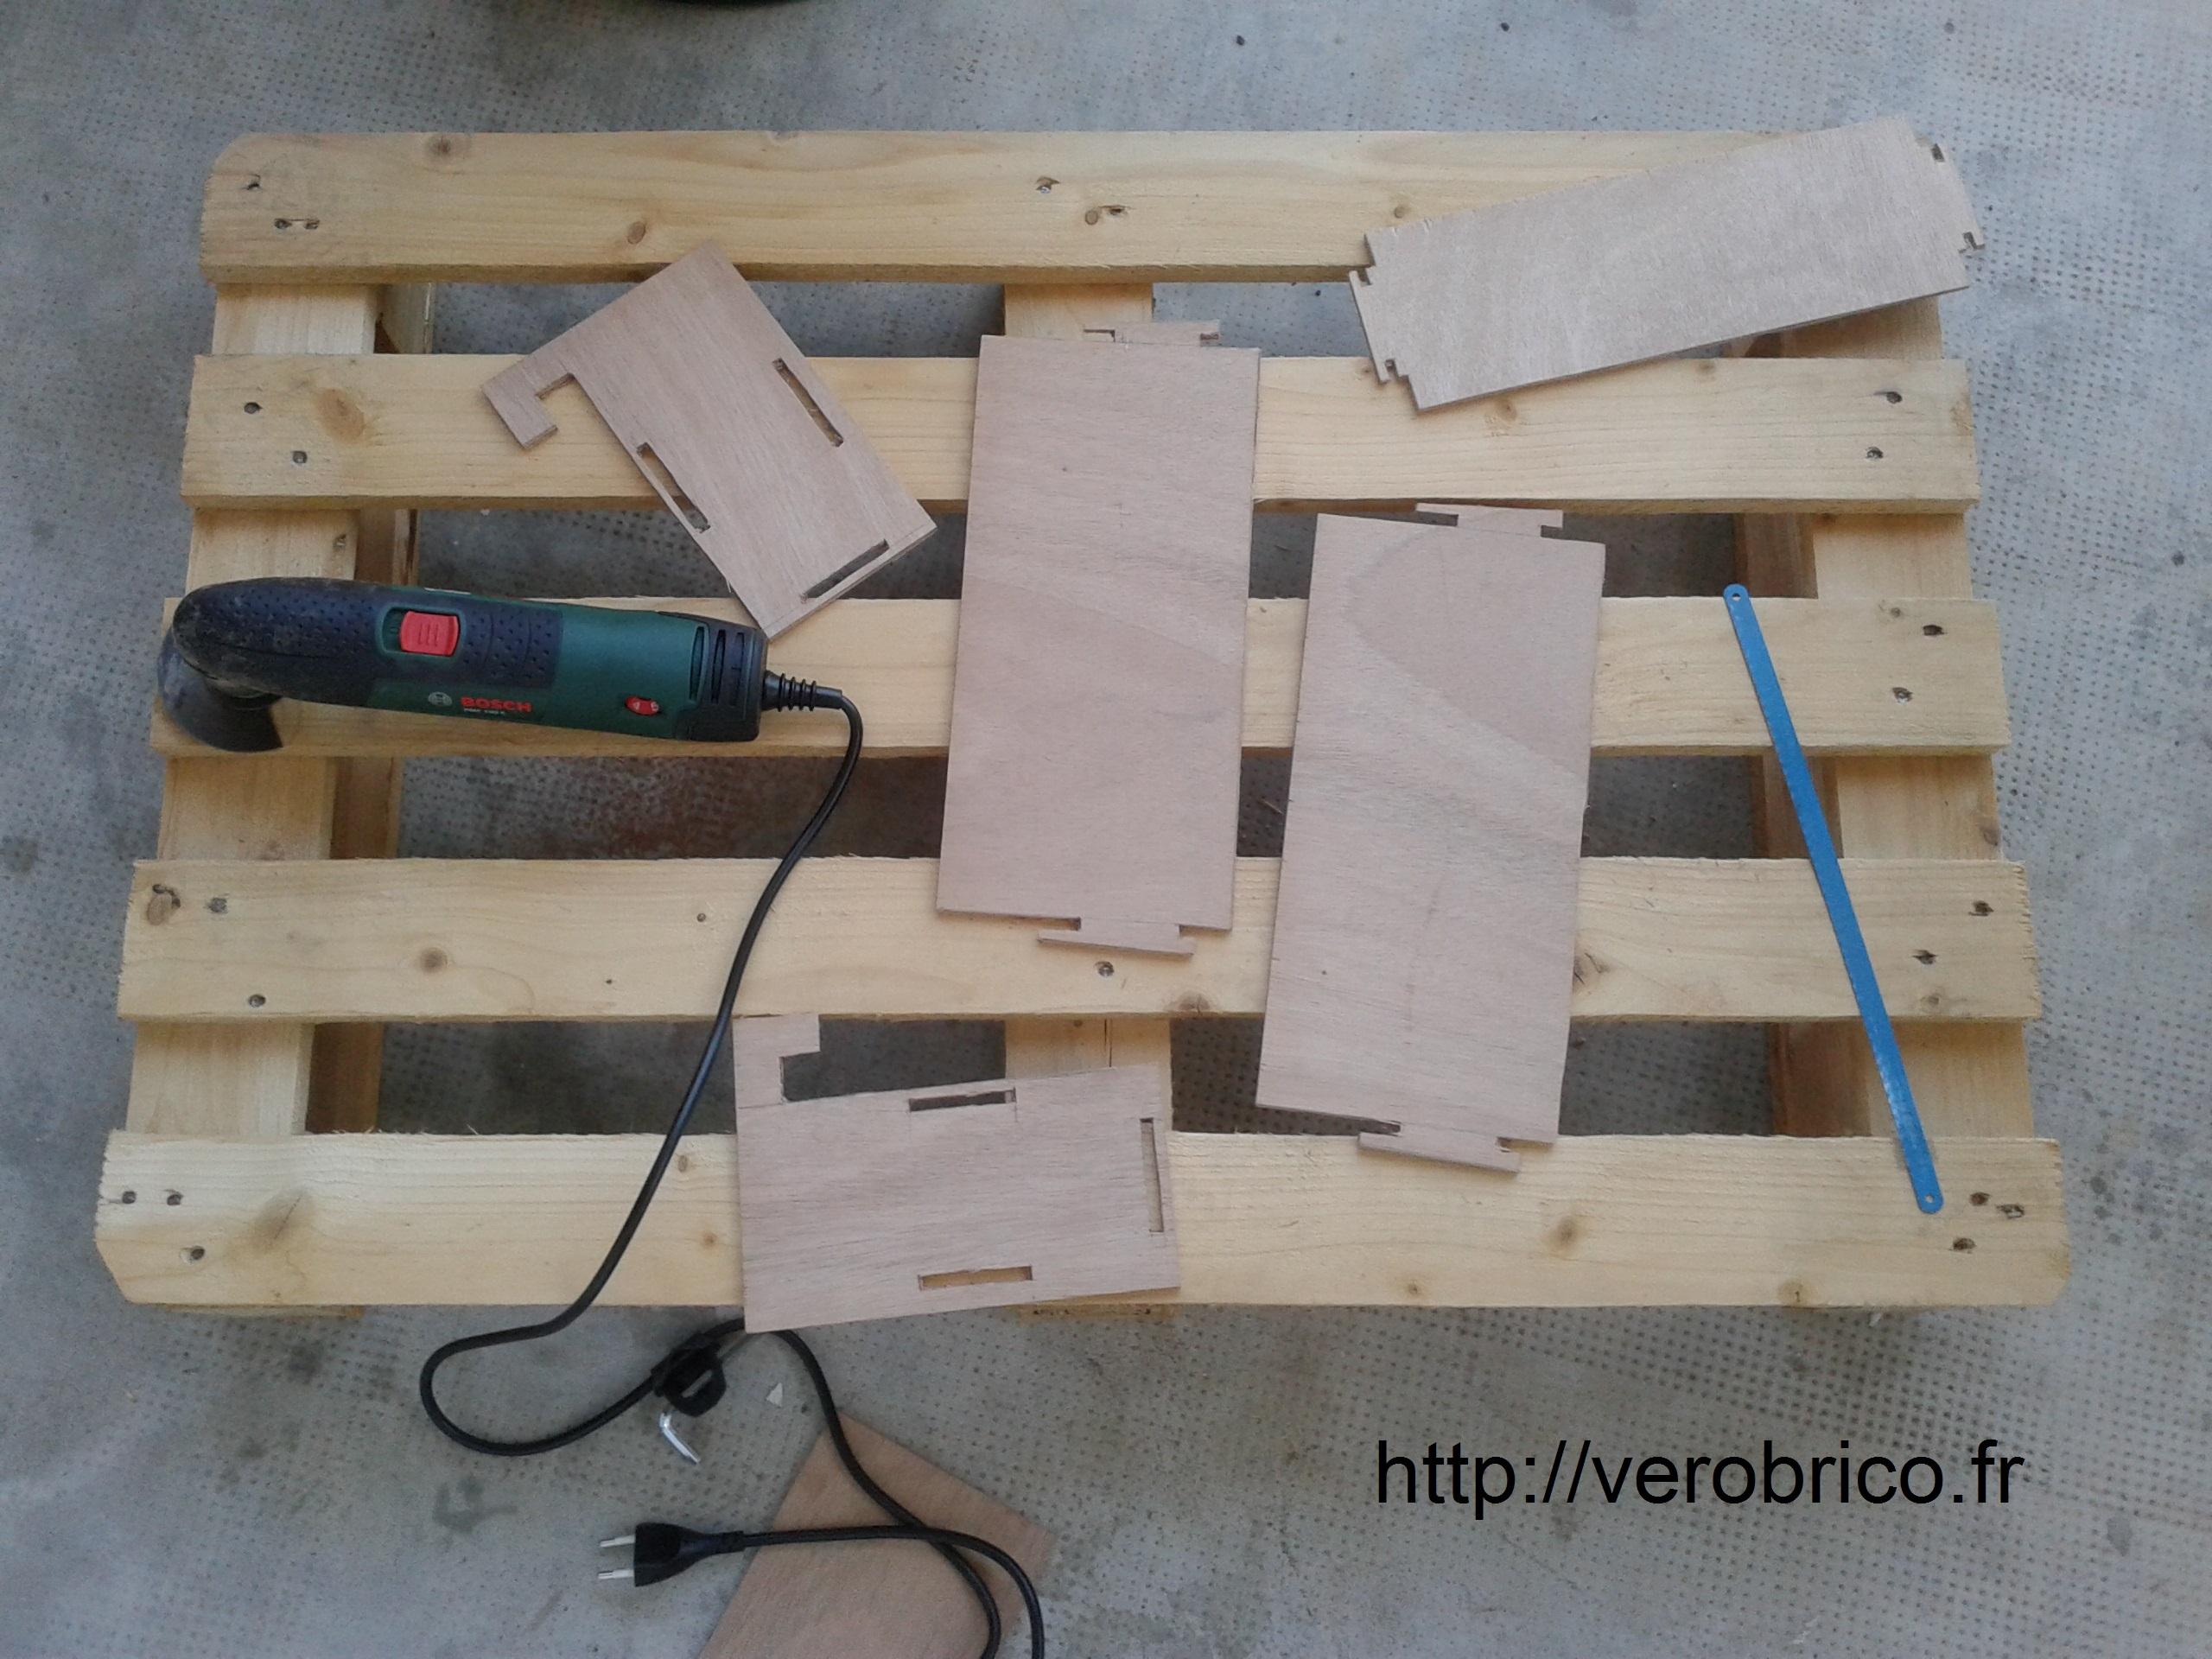 Porte revues fa on puzzle le coin bricolage de v robrico for Revue bricolage maison